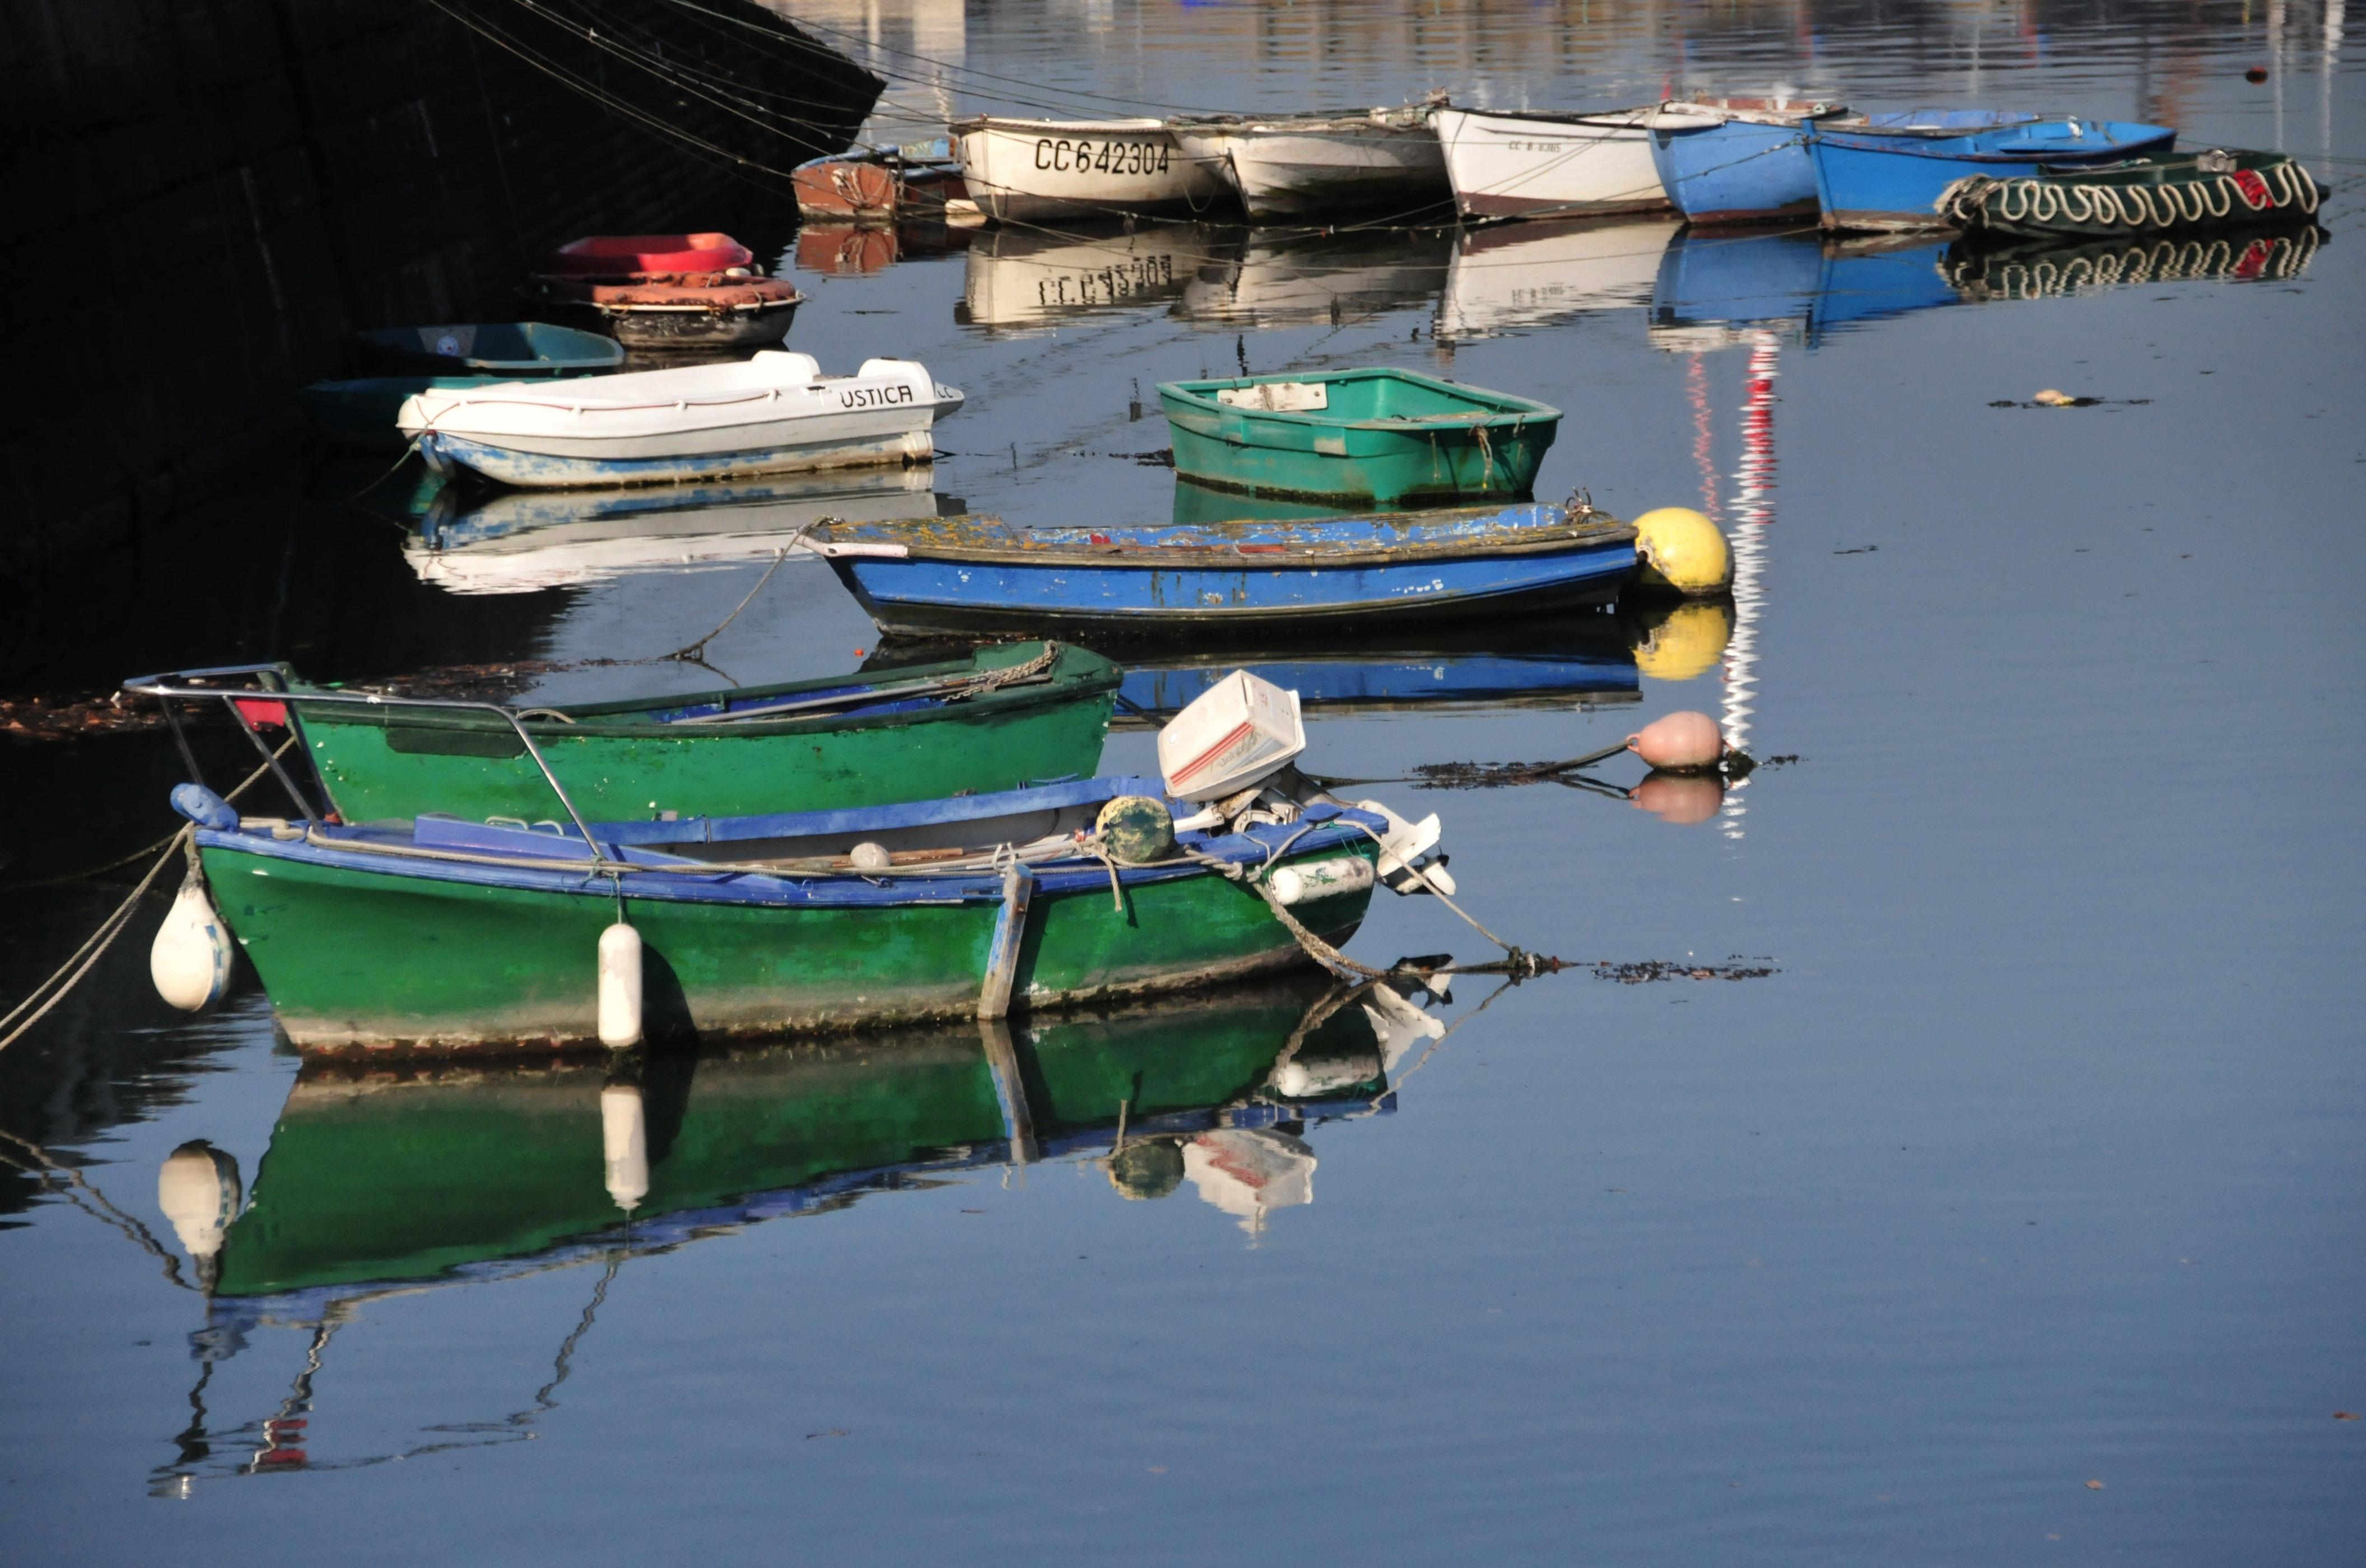 096778cfd more voda čln Francúzsko odraz vozidlo stožiar prístav lodičky lode zrkadlo  prístaviska vodné skútre rybárske lode